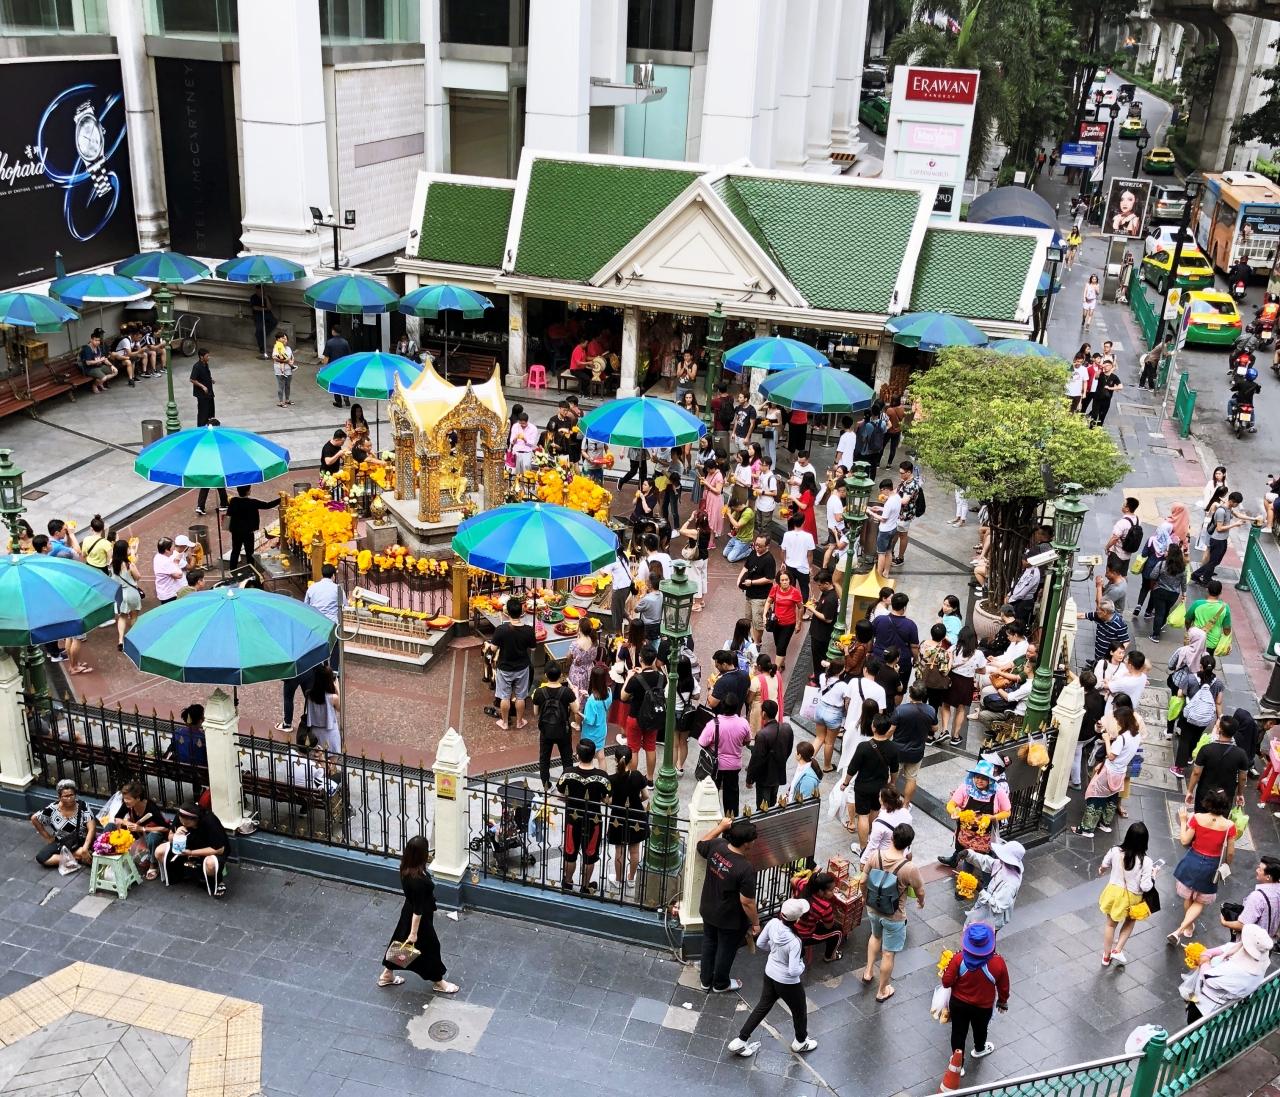 [방콕여행] 힌두교 신을 모시는 방콕의 명물 사당《에라완 사원》